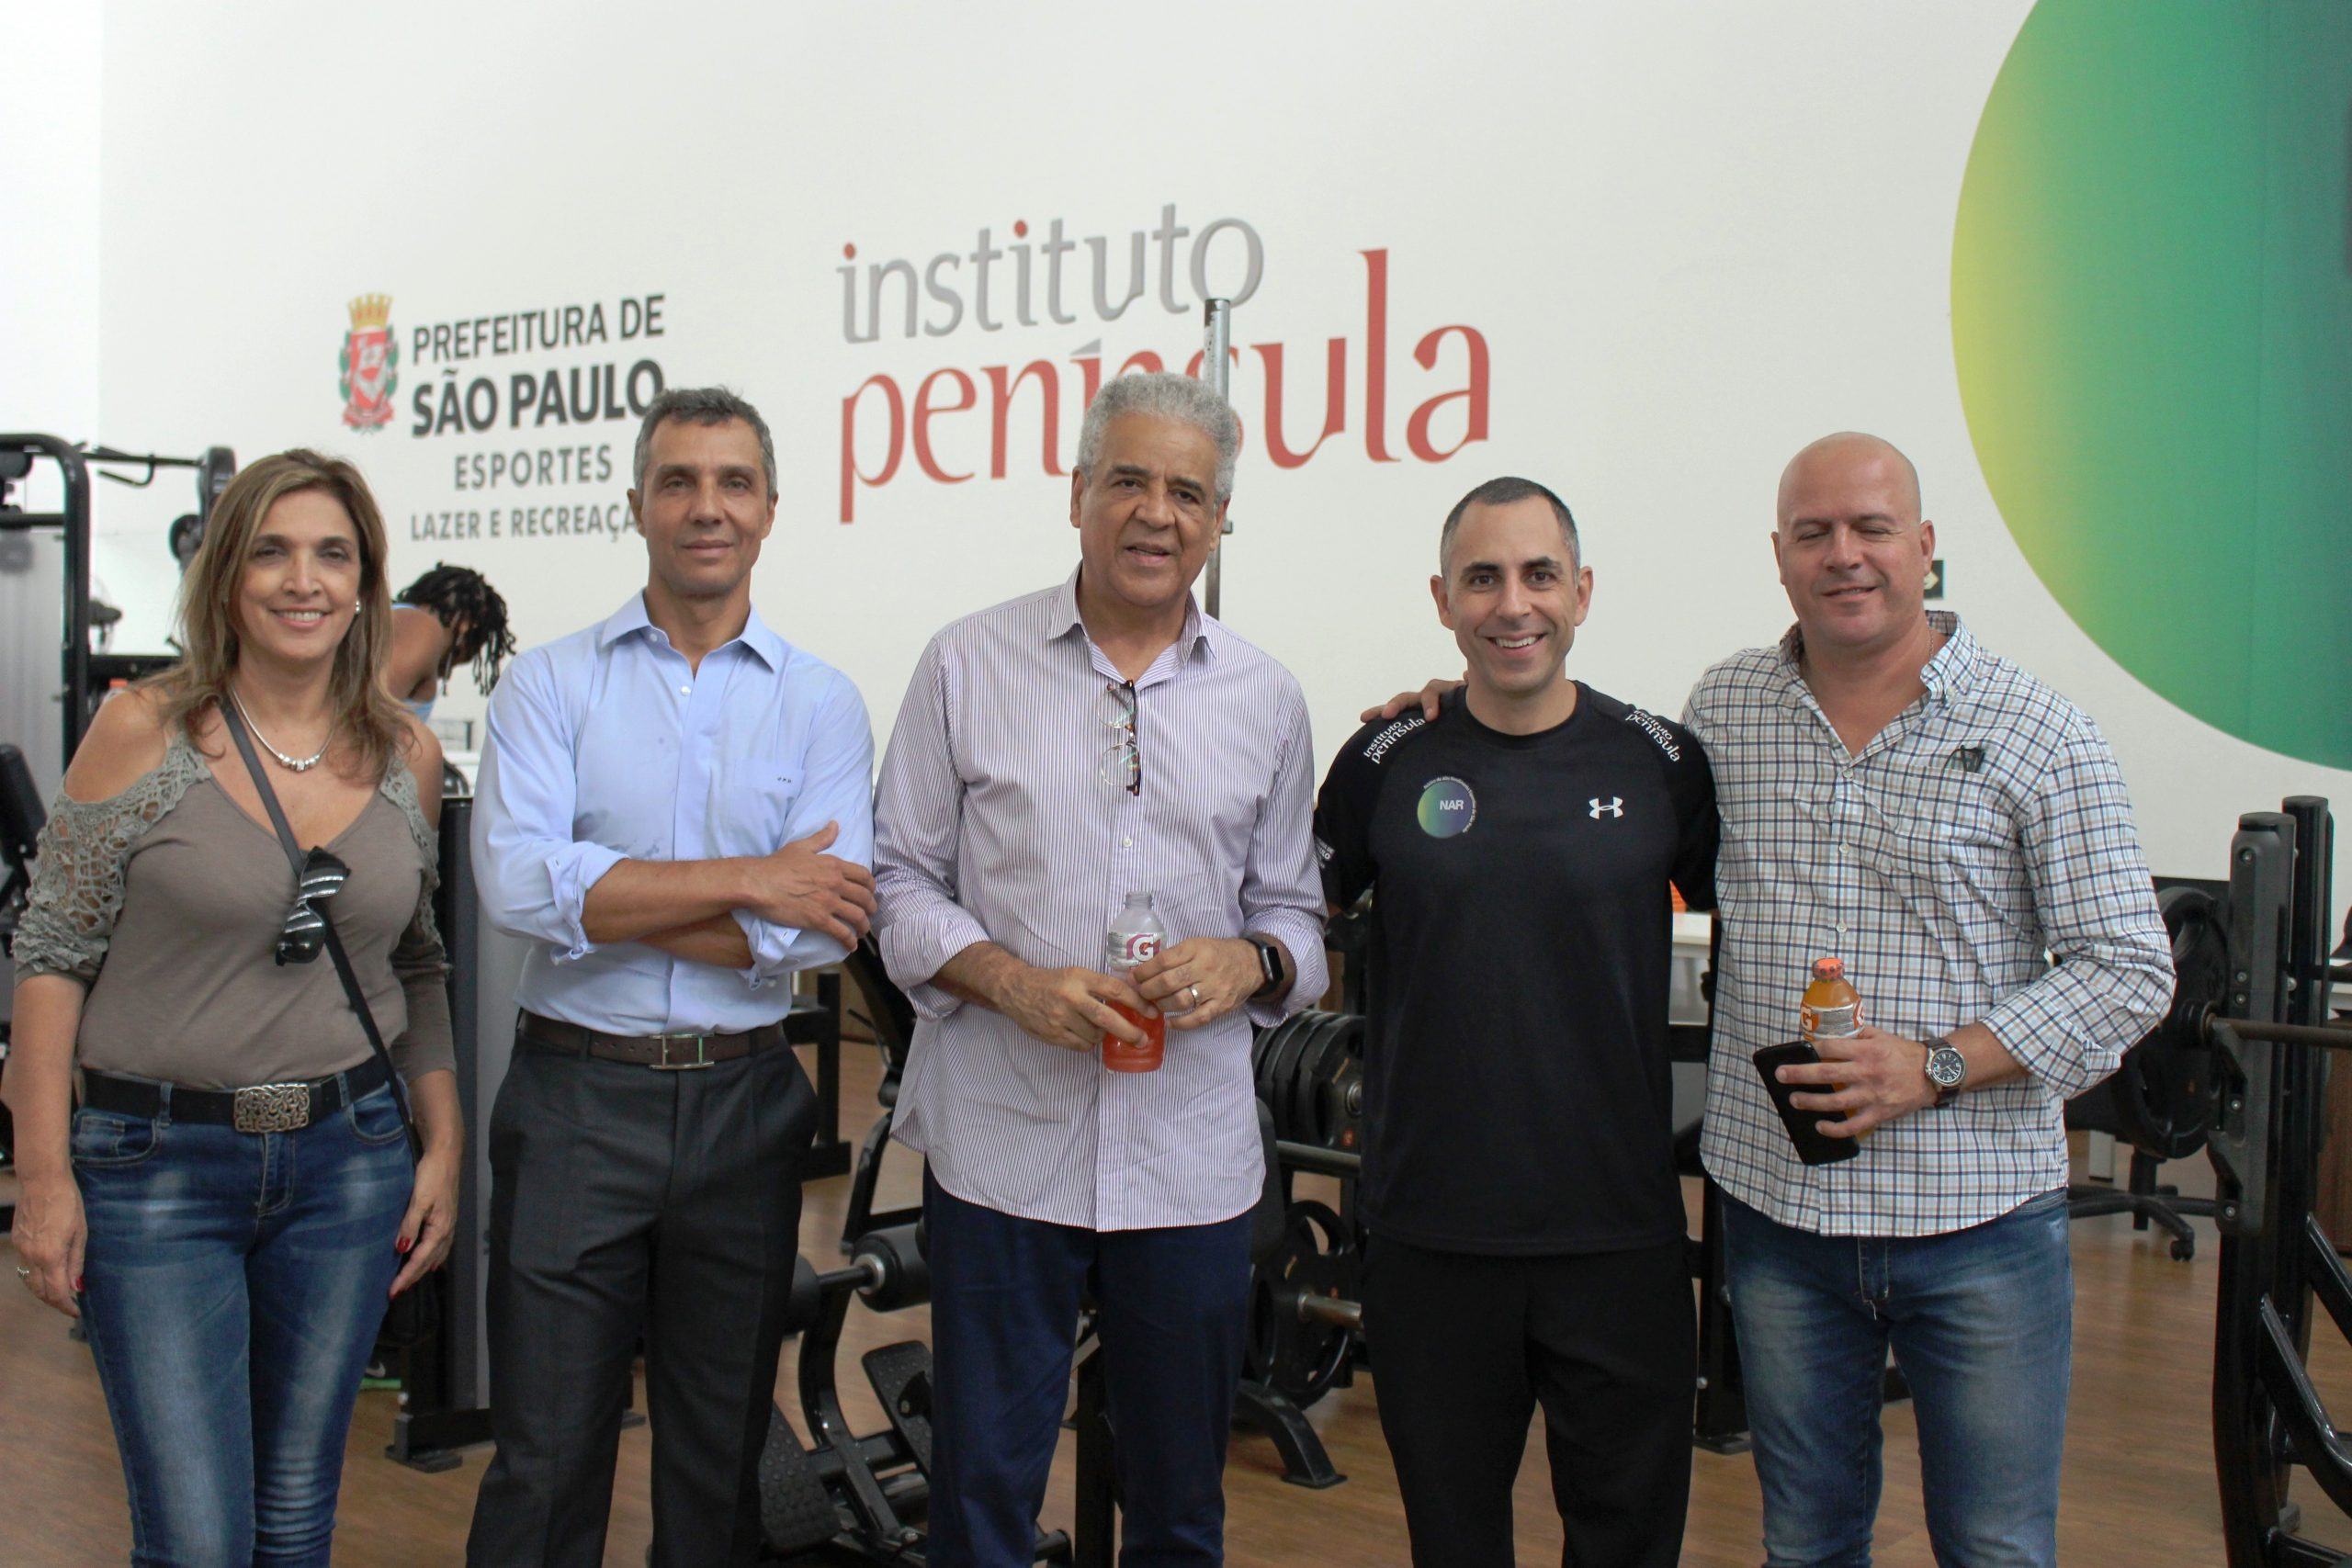 João Paulo Diniz e Irineu Loturco recebem o Secretário dos Esportes da Prefeitura de São Paulo no NAR-SP